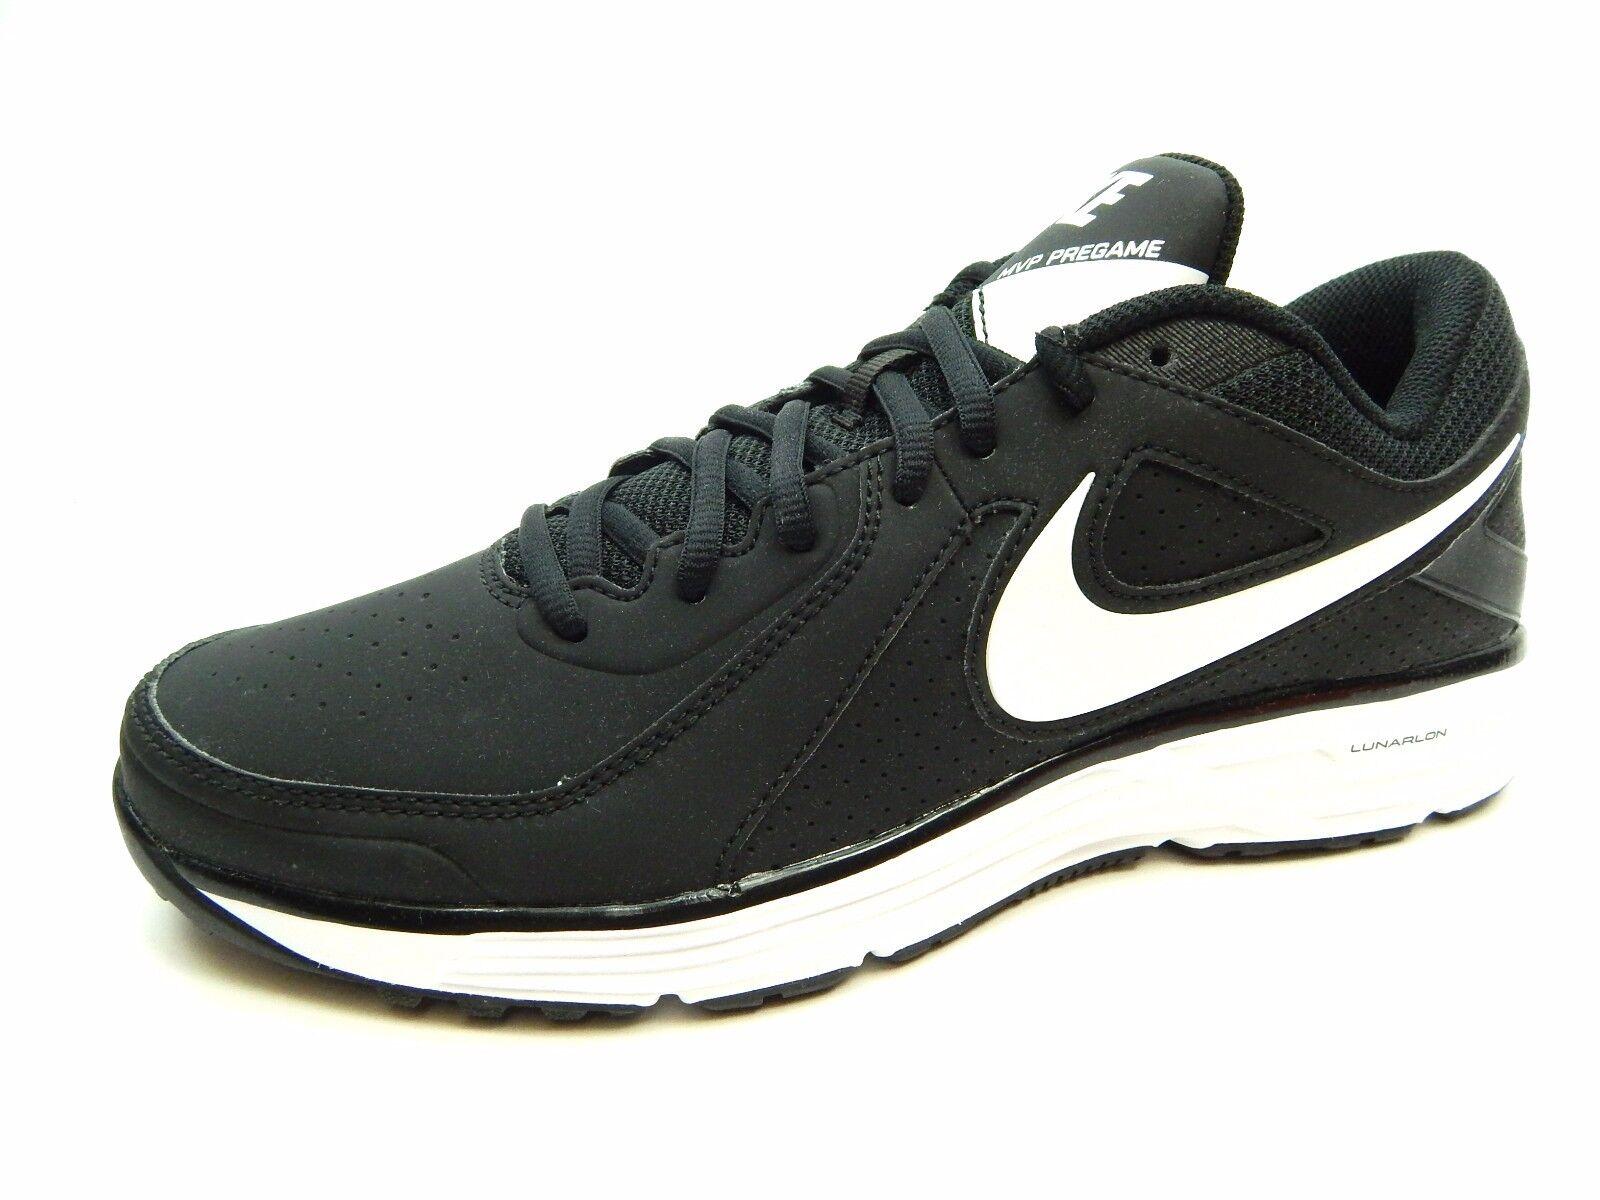 Nike Lunar Mvp Pregame 524640 010 Black White Men shoes Size 12.5